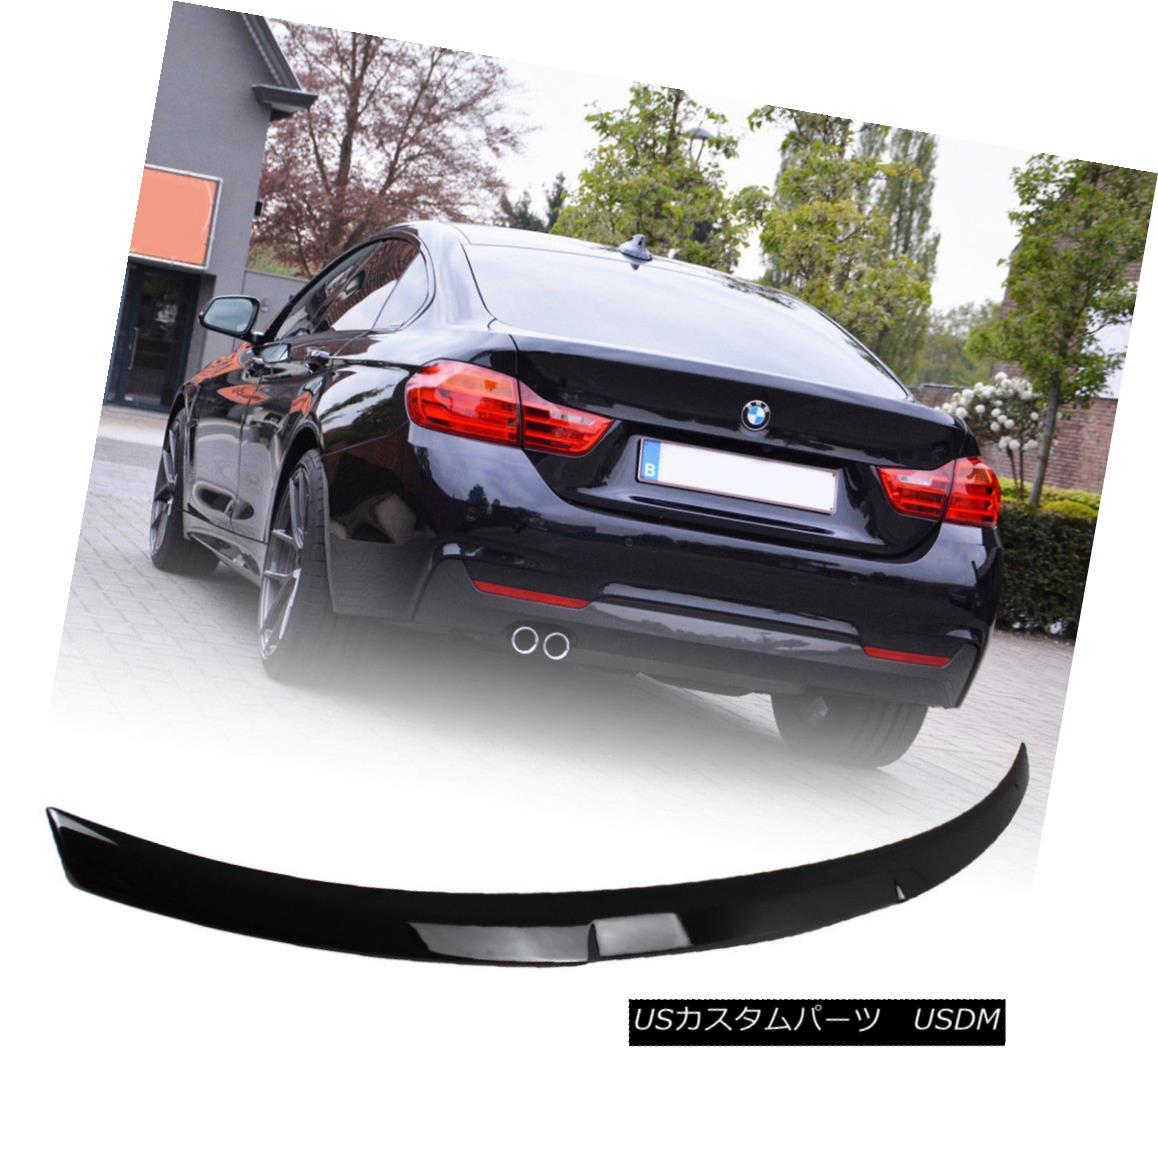 エアロパーツ Fit BMW 4 Series F32 Coupe M4 Style Rear Trunk Spoiler Wing ABS Paint Black #668 フィットBMW 4シリーズF32クーペM4スタイルリアトランクスポイラーウィングABSペイントブラック#668